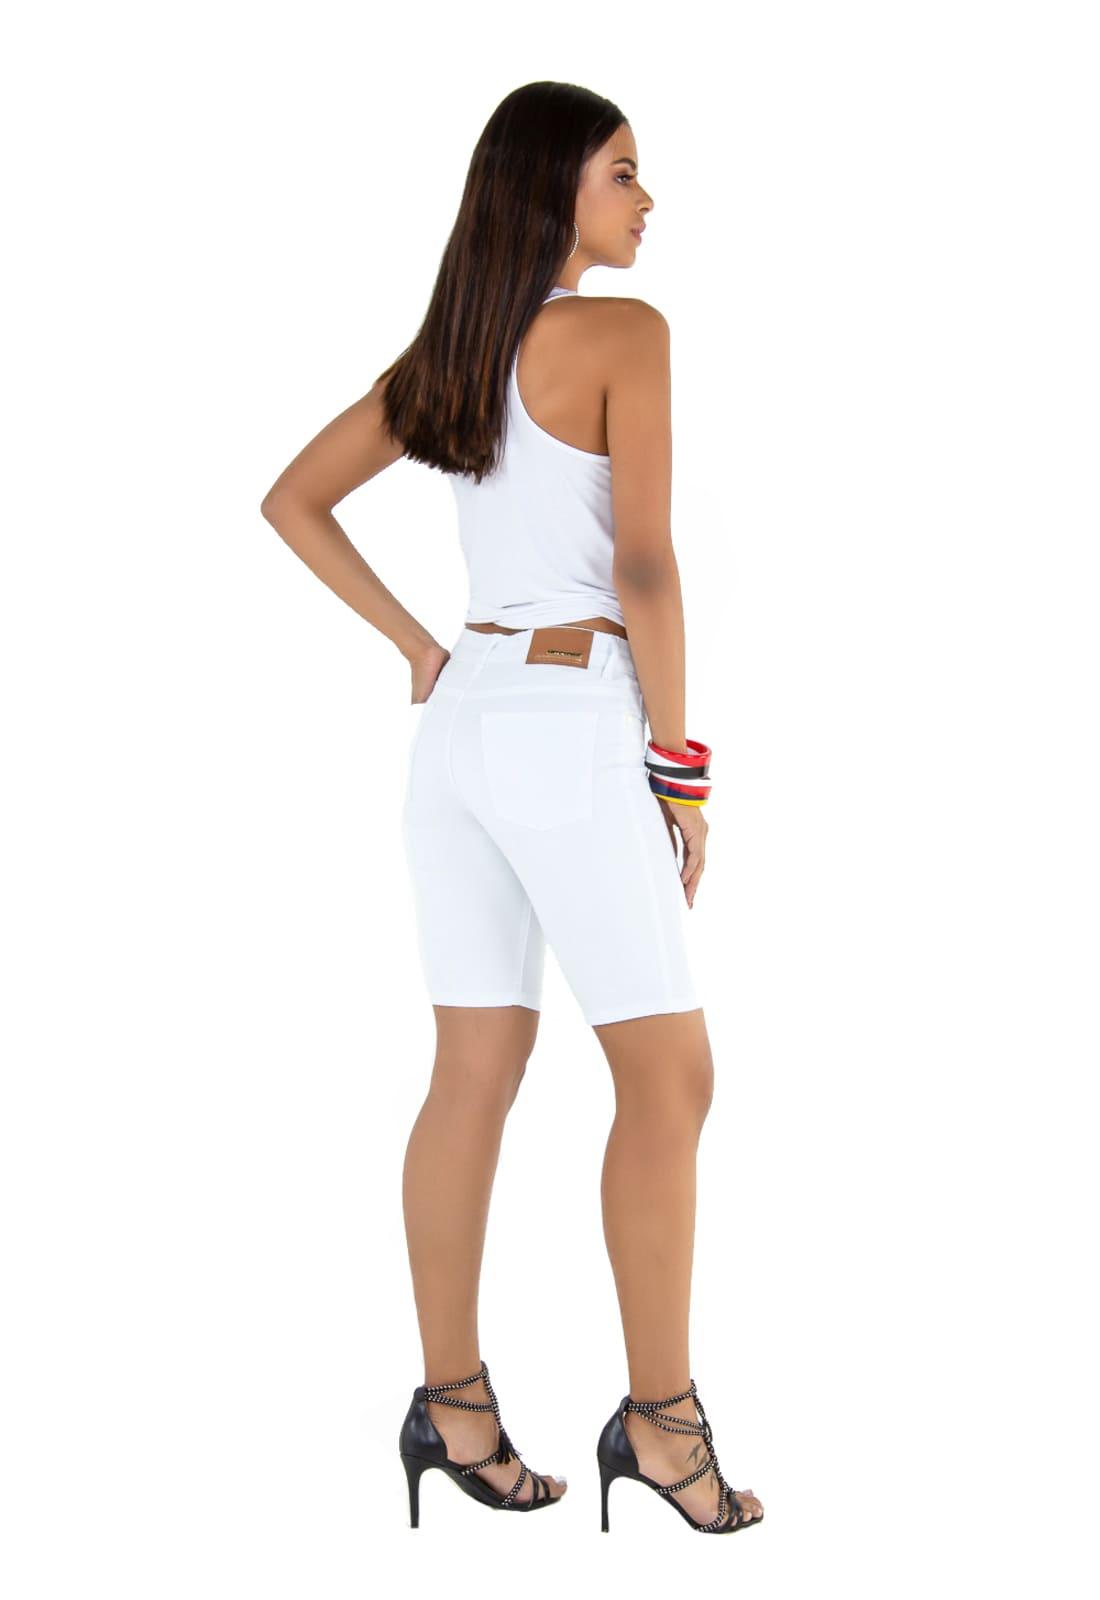 3 Regatas Feminina Latifundio - Cores Vermelho, Branco e Preto